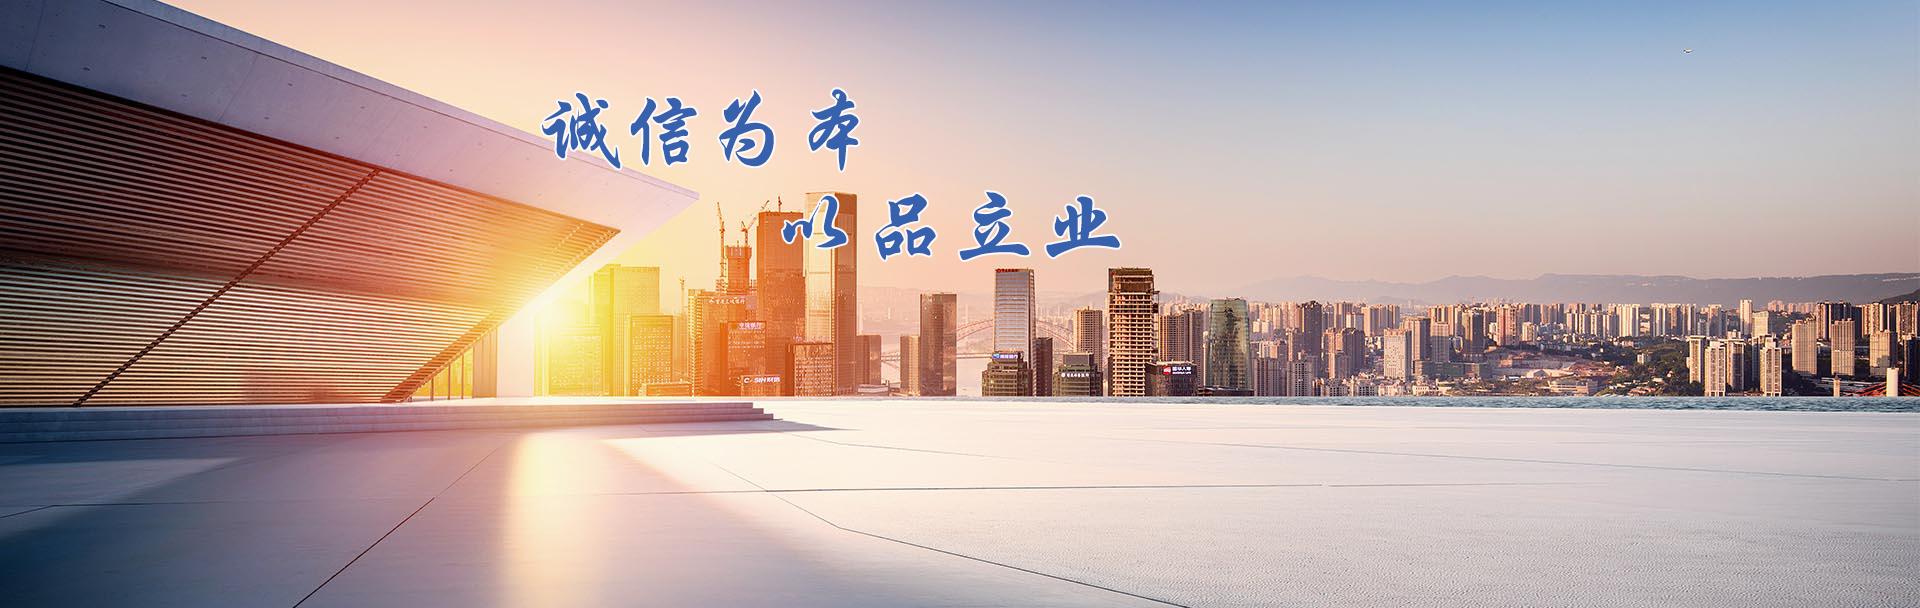 广东亚洲范哲铝材